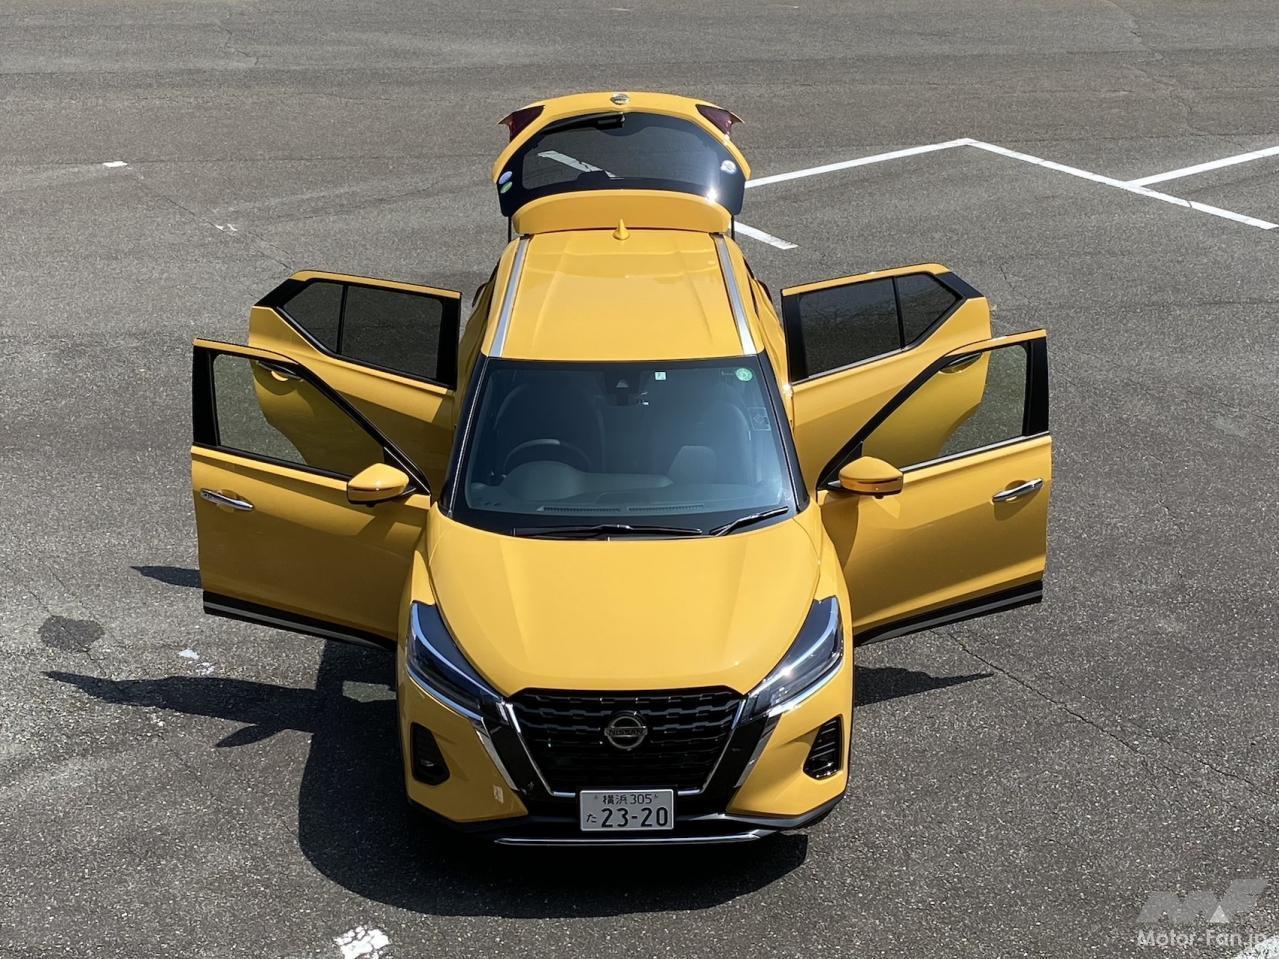 「日産SUV全14モデル マグナイト、キックス、エクストレイルから全長5.3m超のパトロールまで多彩な顔ぶれ」の14枚目の画像